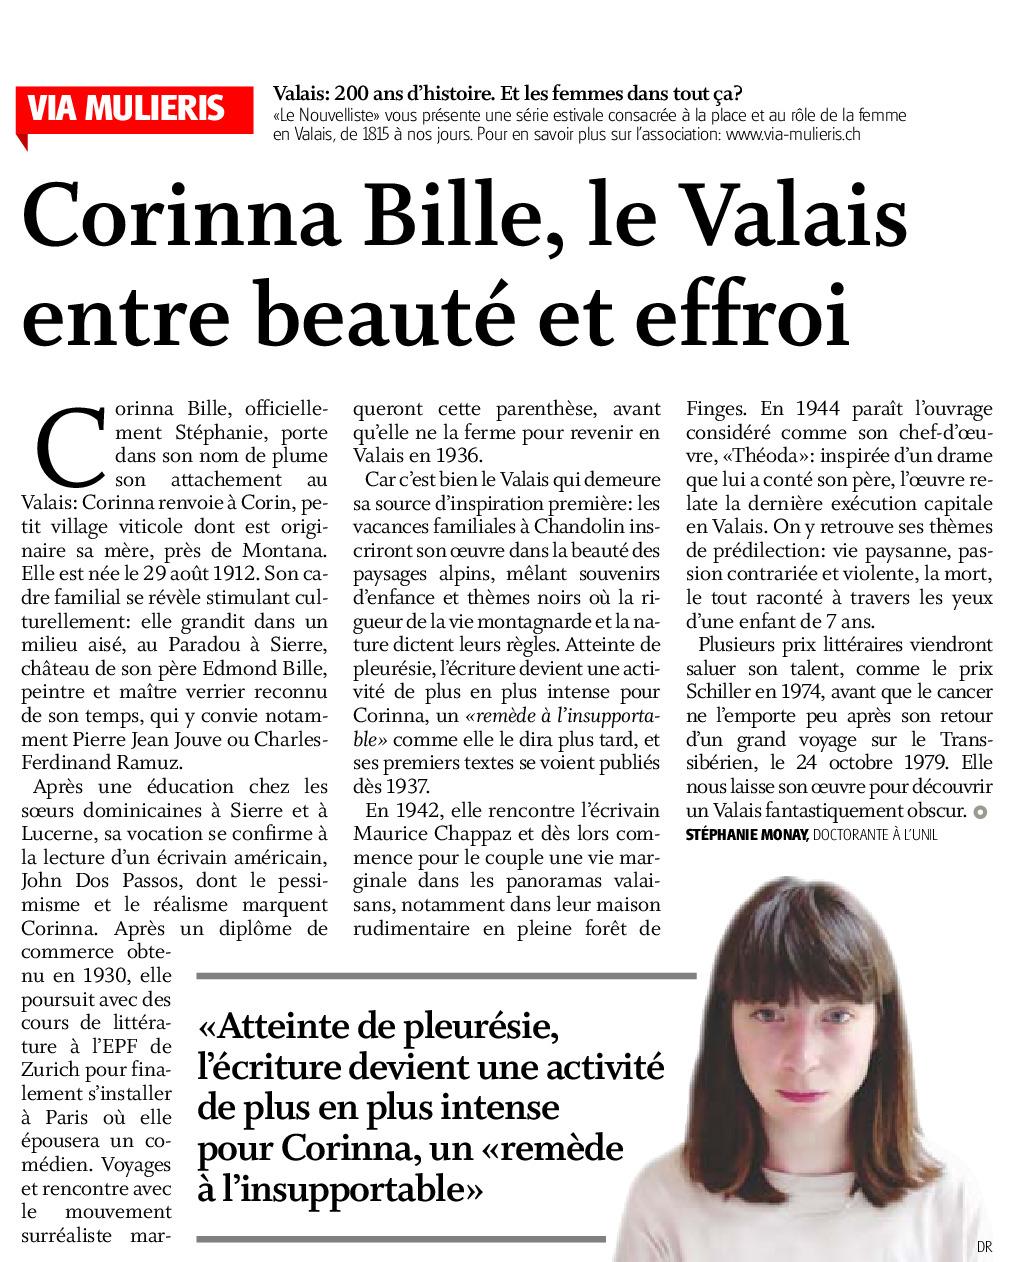 Corinna Bille, le Valais entre beauté et effroi